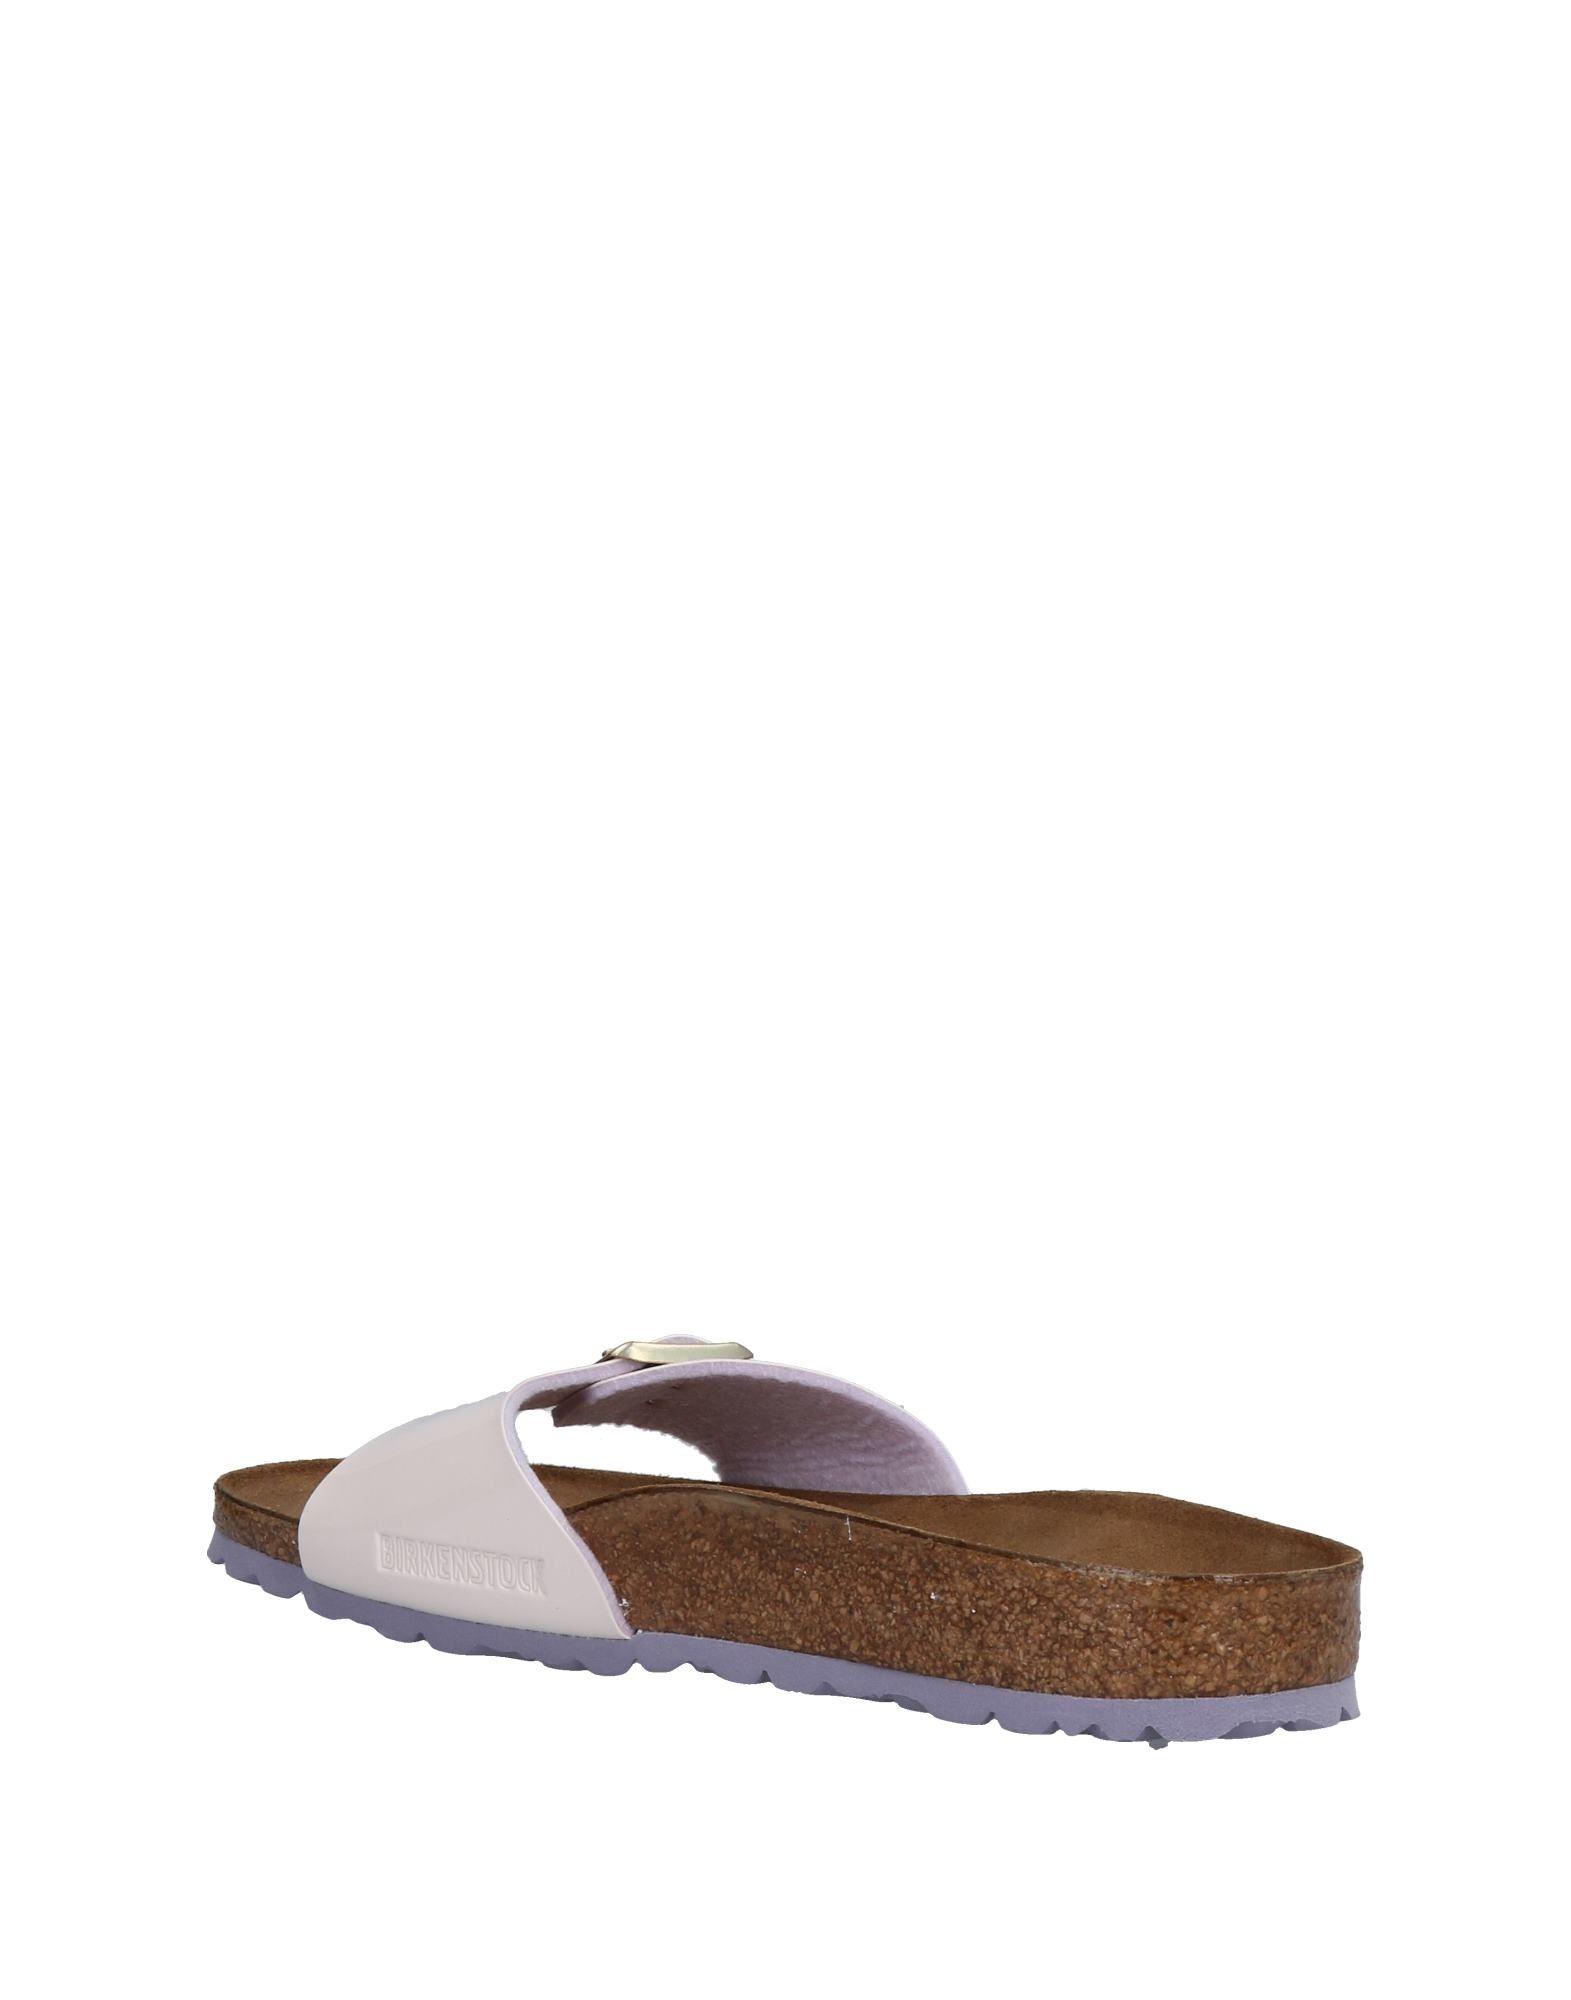 Moda Sandali Birkenstock Donna - 11471551IN